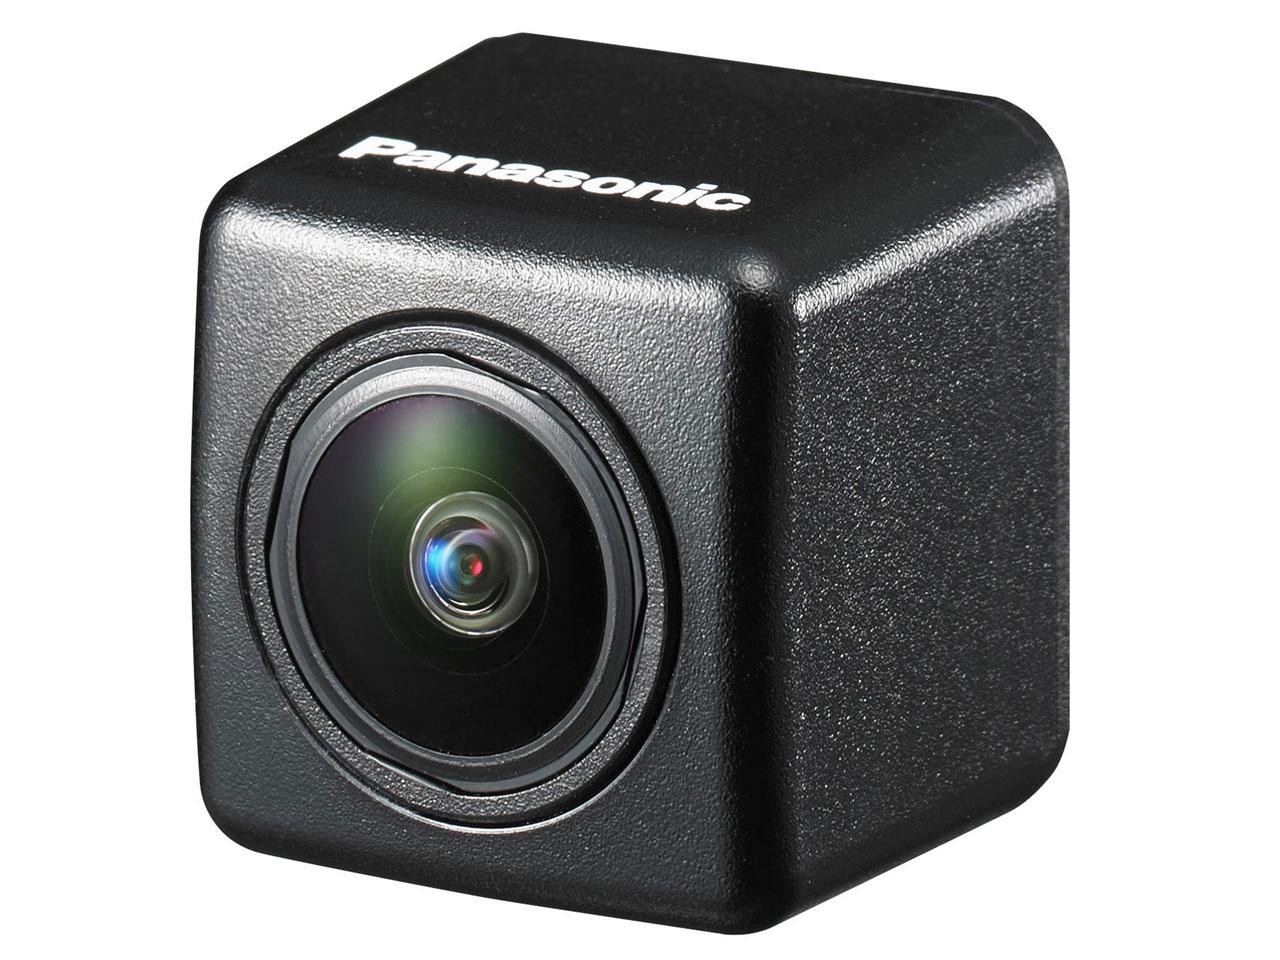 パナソニック CY-RC100KD バックカメラ CY-RC90KDの後継 変更点HDR追加 画角向上 取付性向上 CYRC100KD